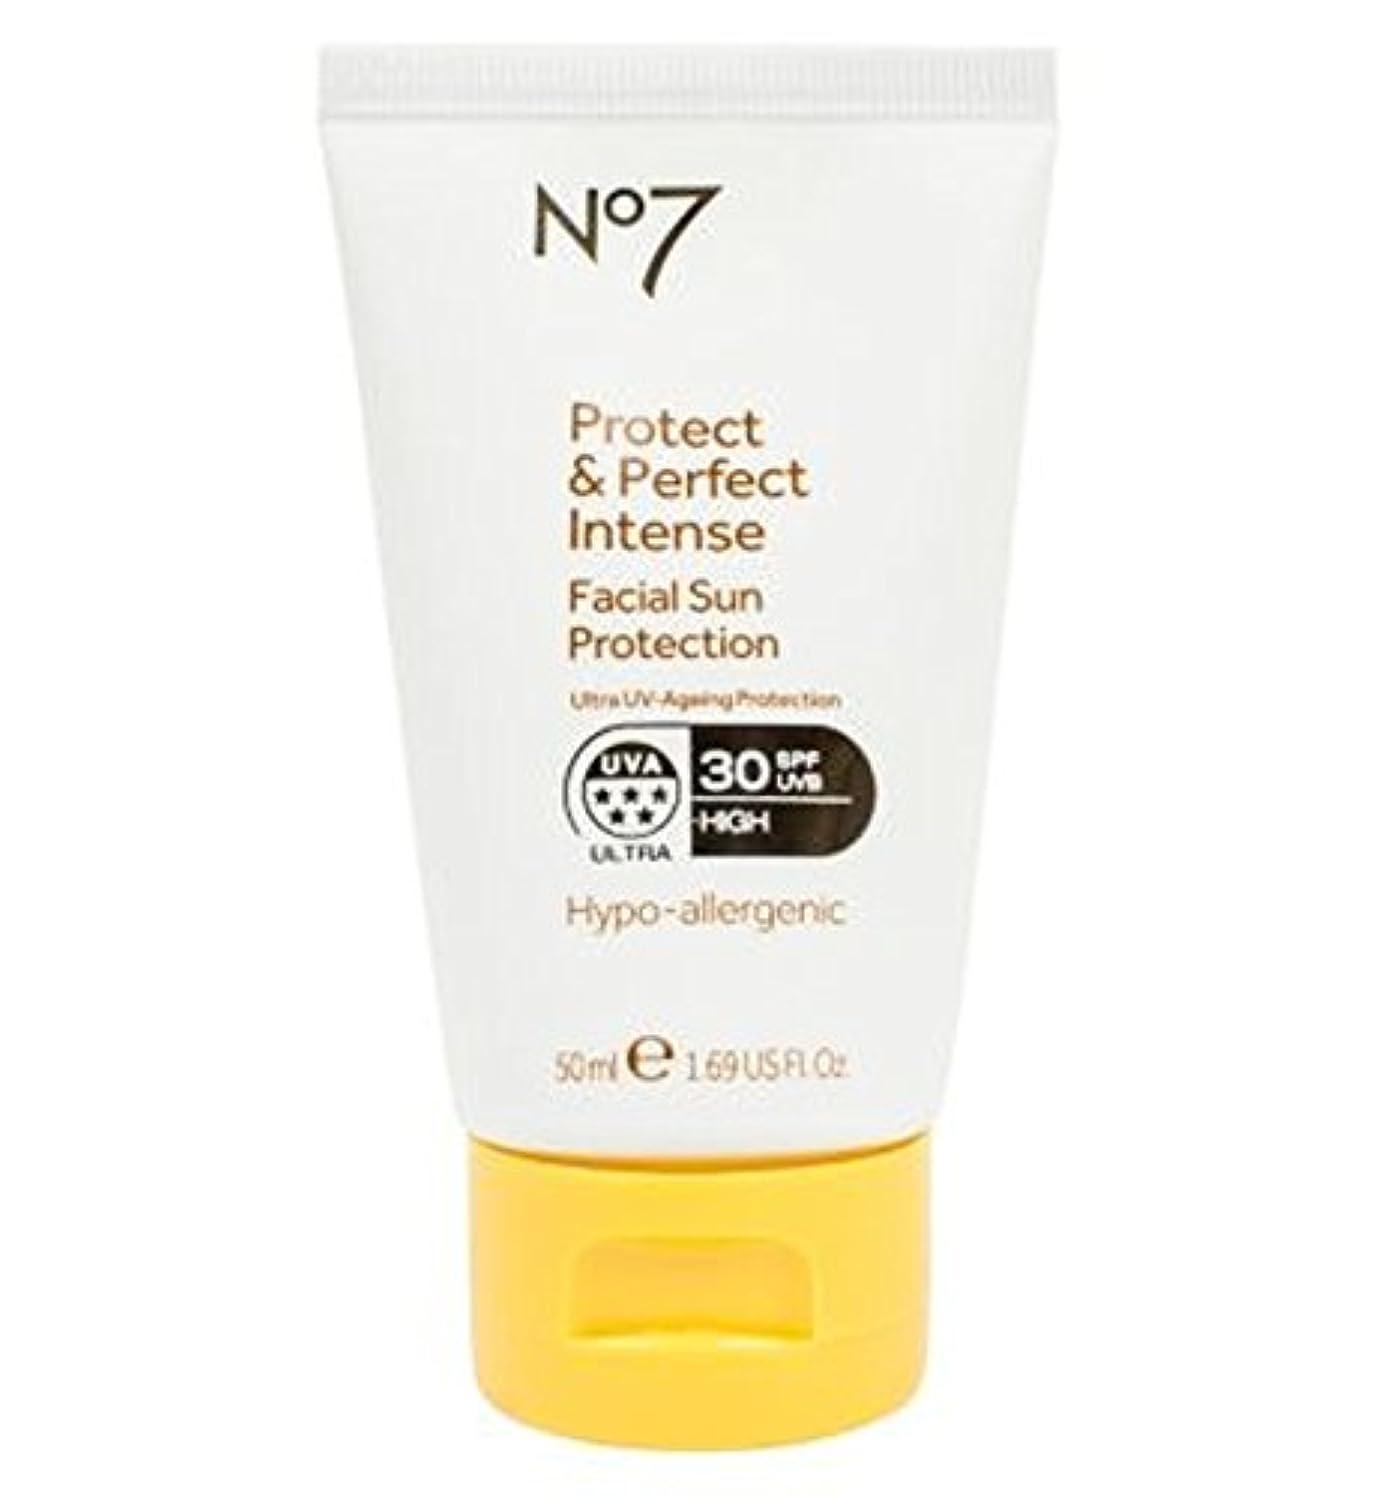 私保守可能生理No7保護&完璧な強烈な顔の日焼け防止Spf 30 50ミリリットル (No7) (x2) - No7 Protect & Perfect Intense Facial Sun Protection SPF 30 50ml...